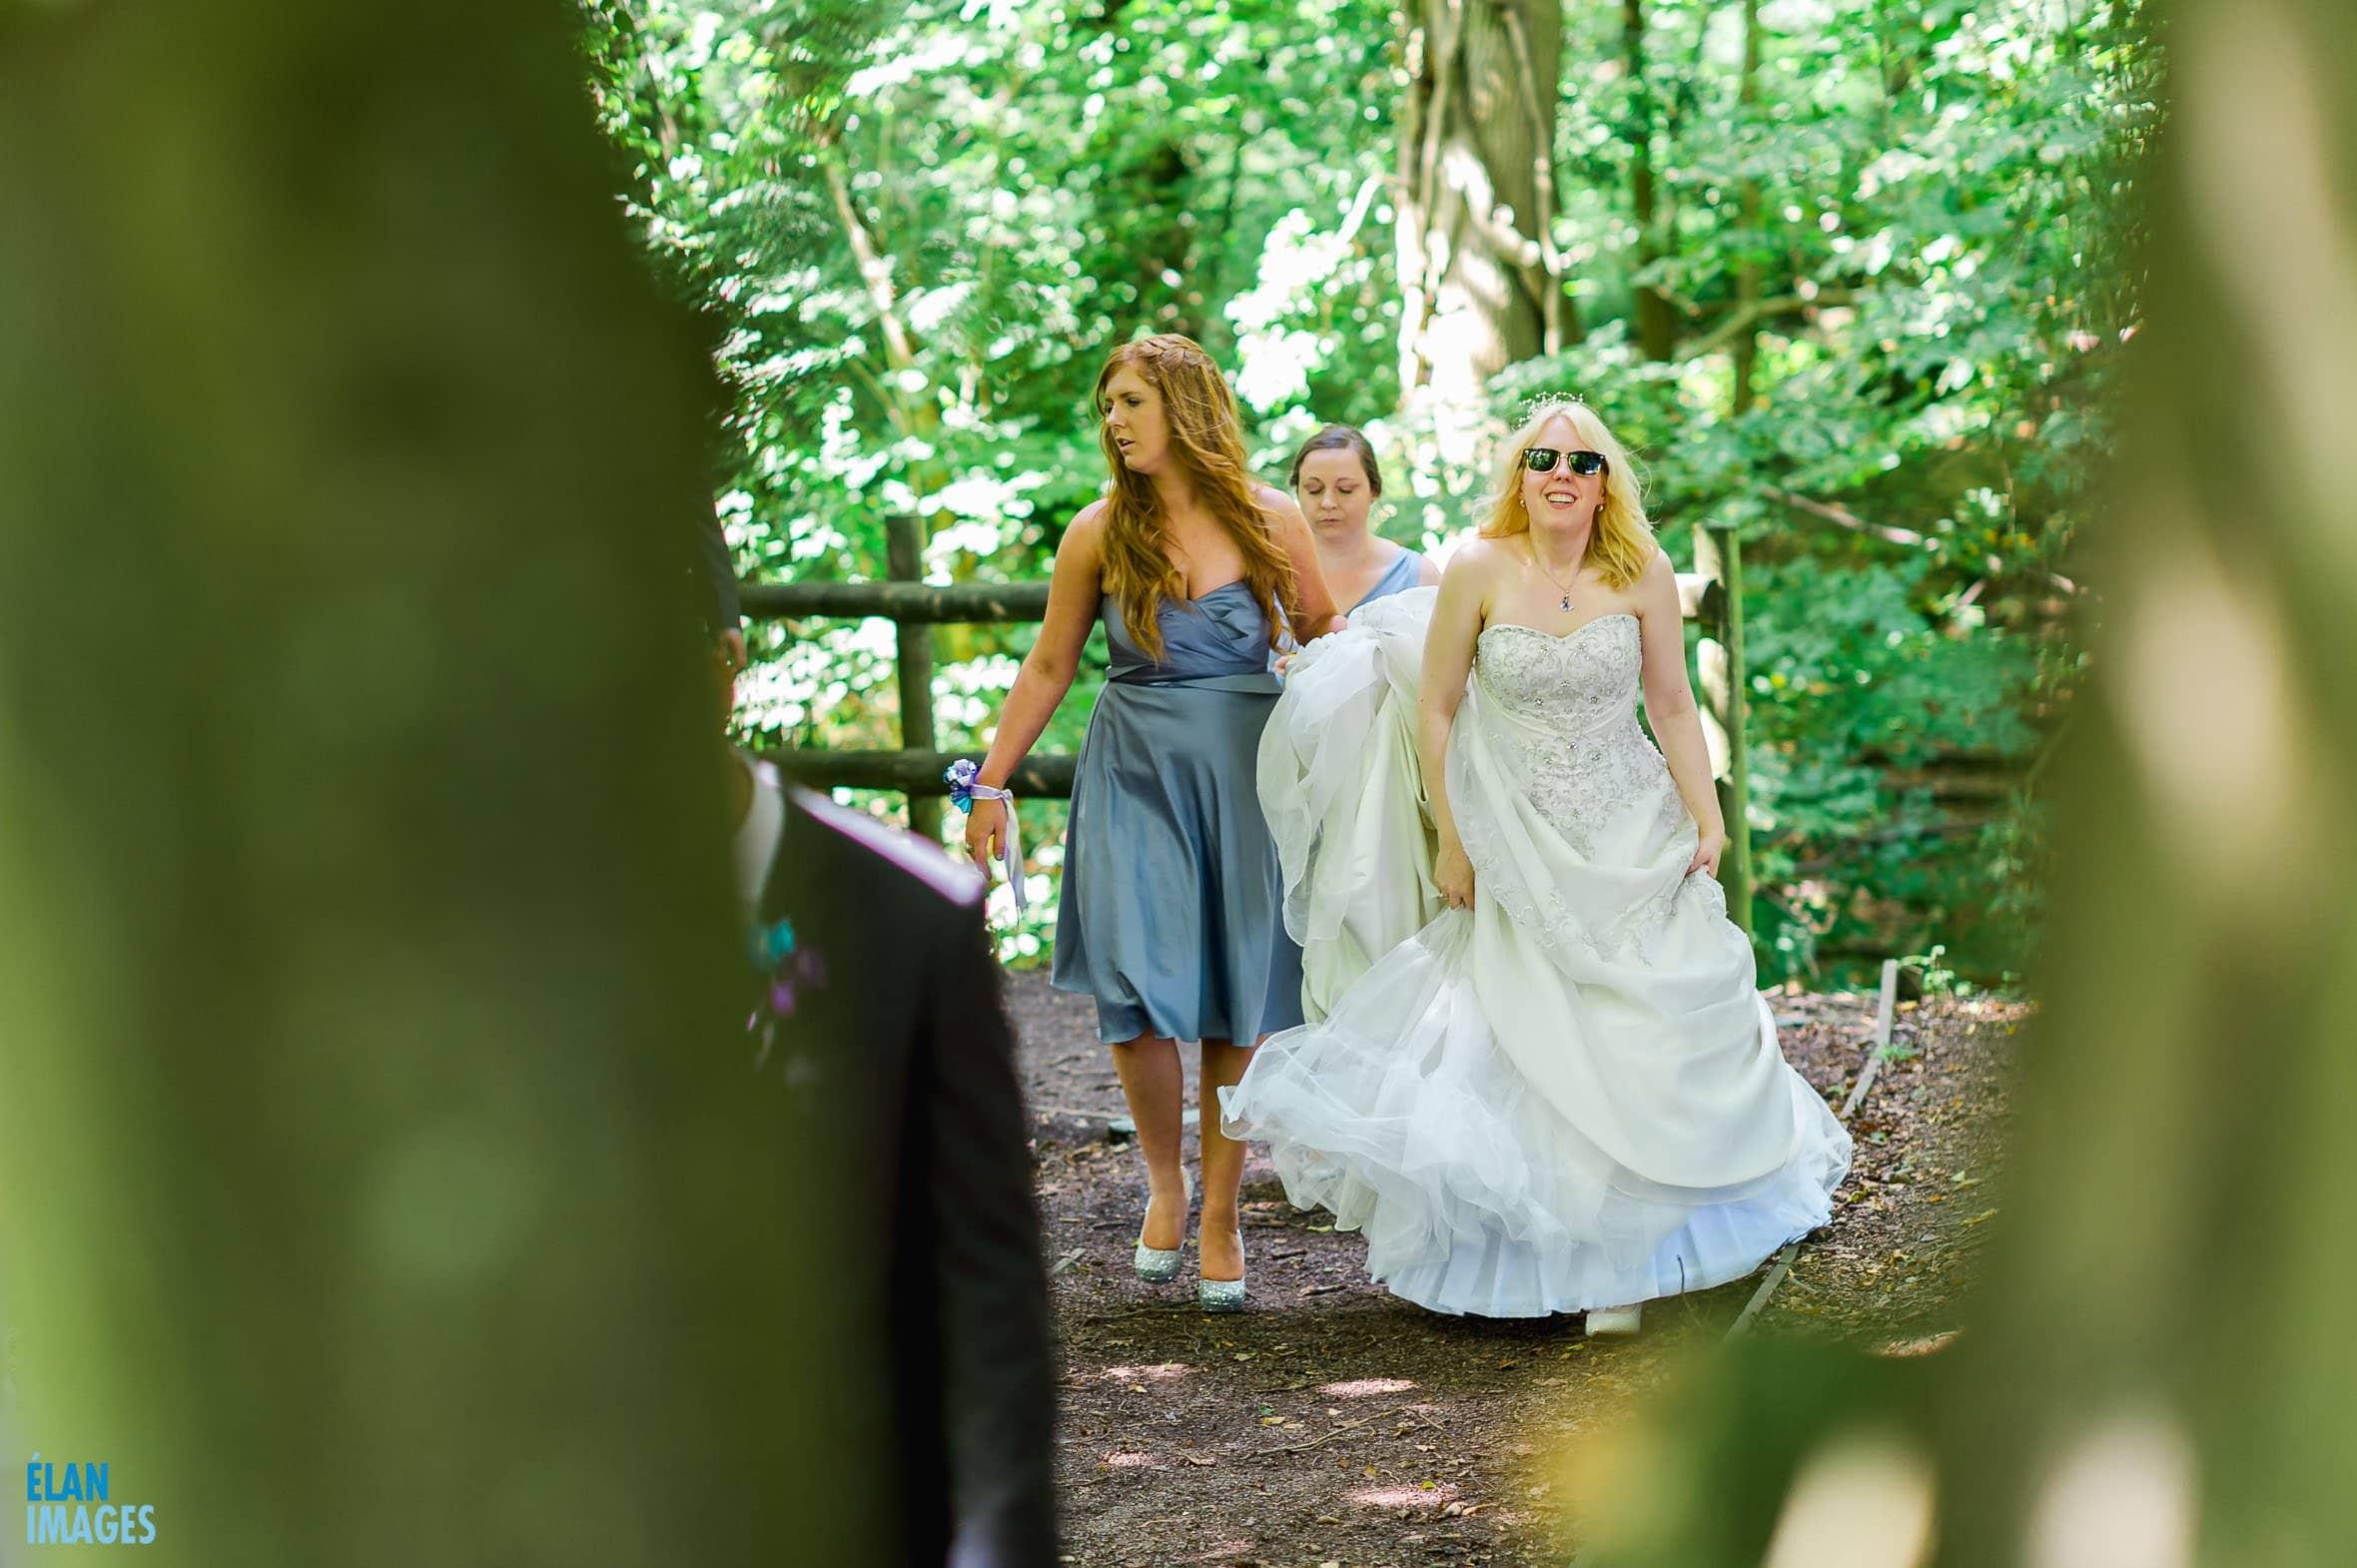 Summer Wedding at the Folly Farm Centre, Pensford 45